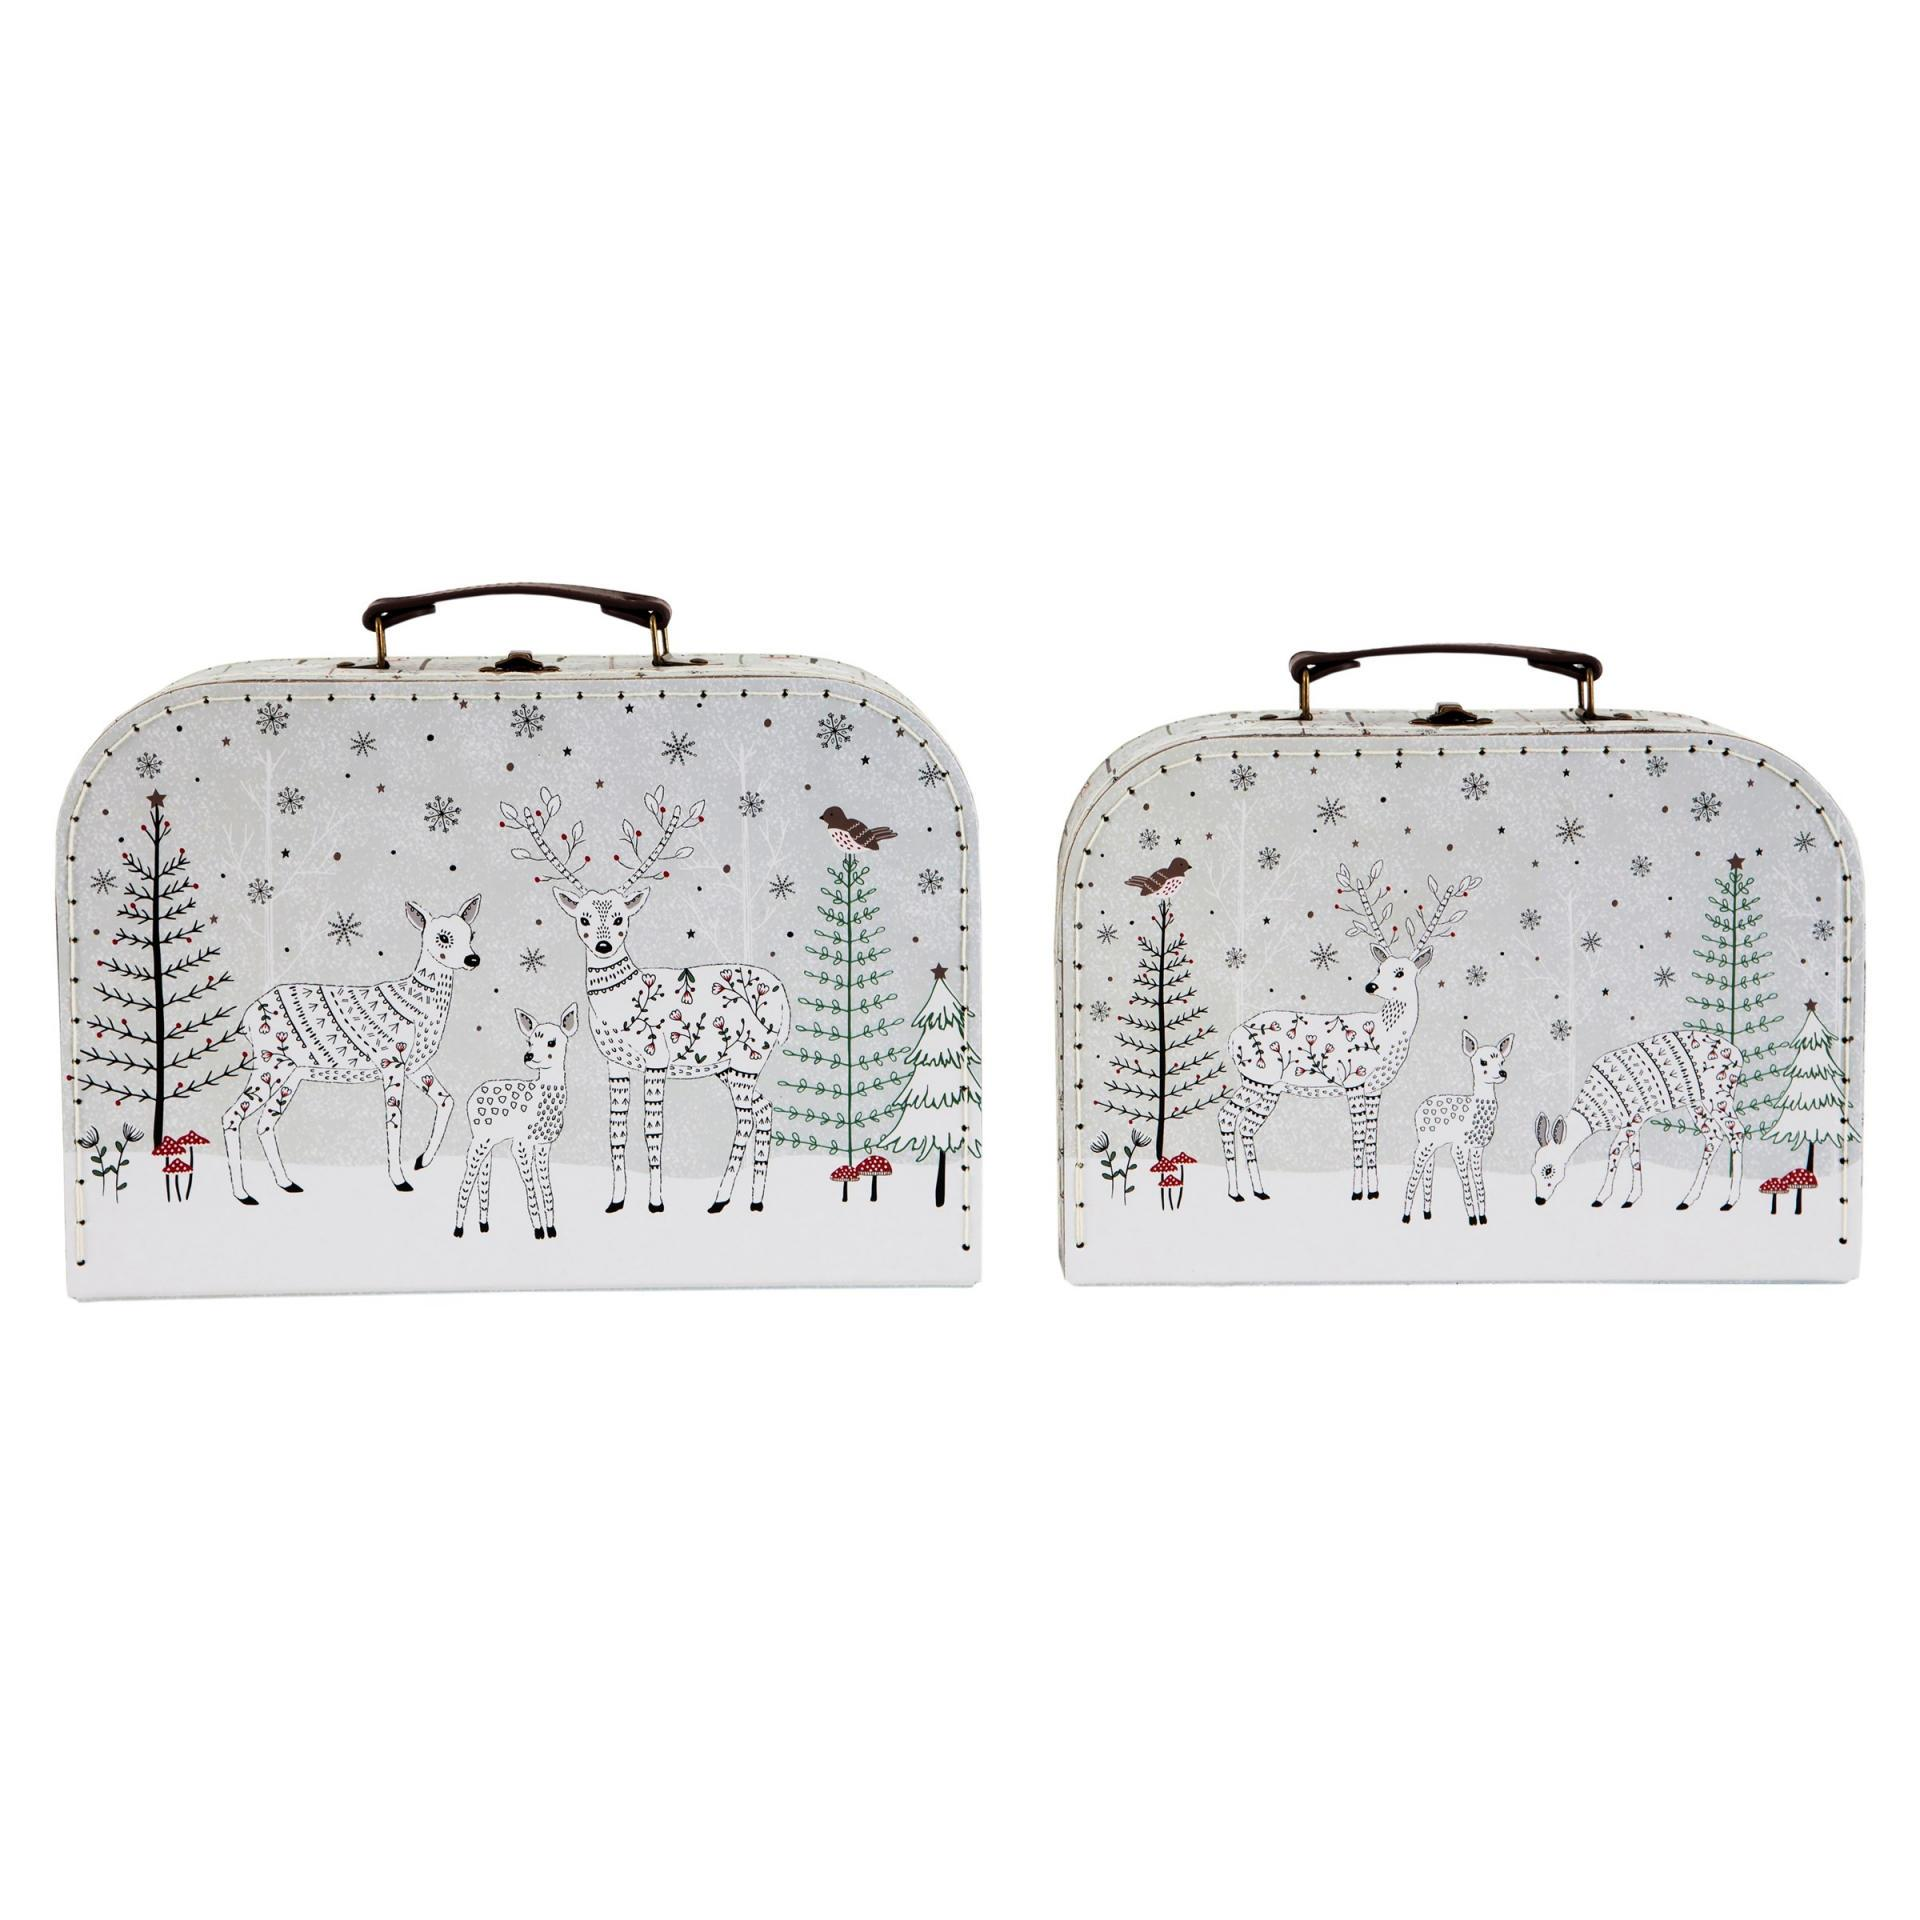 sass & belle Dětský kufřík Folk Deer Větší, šedá barva, bílá barva, kov, papír, kůže